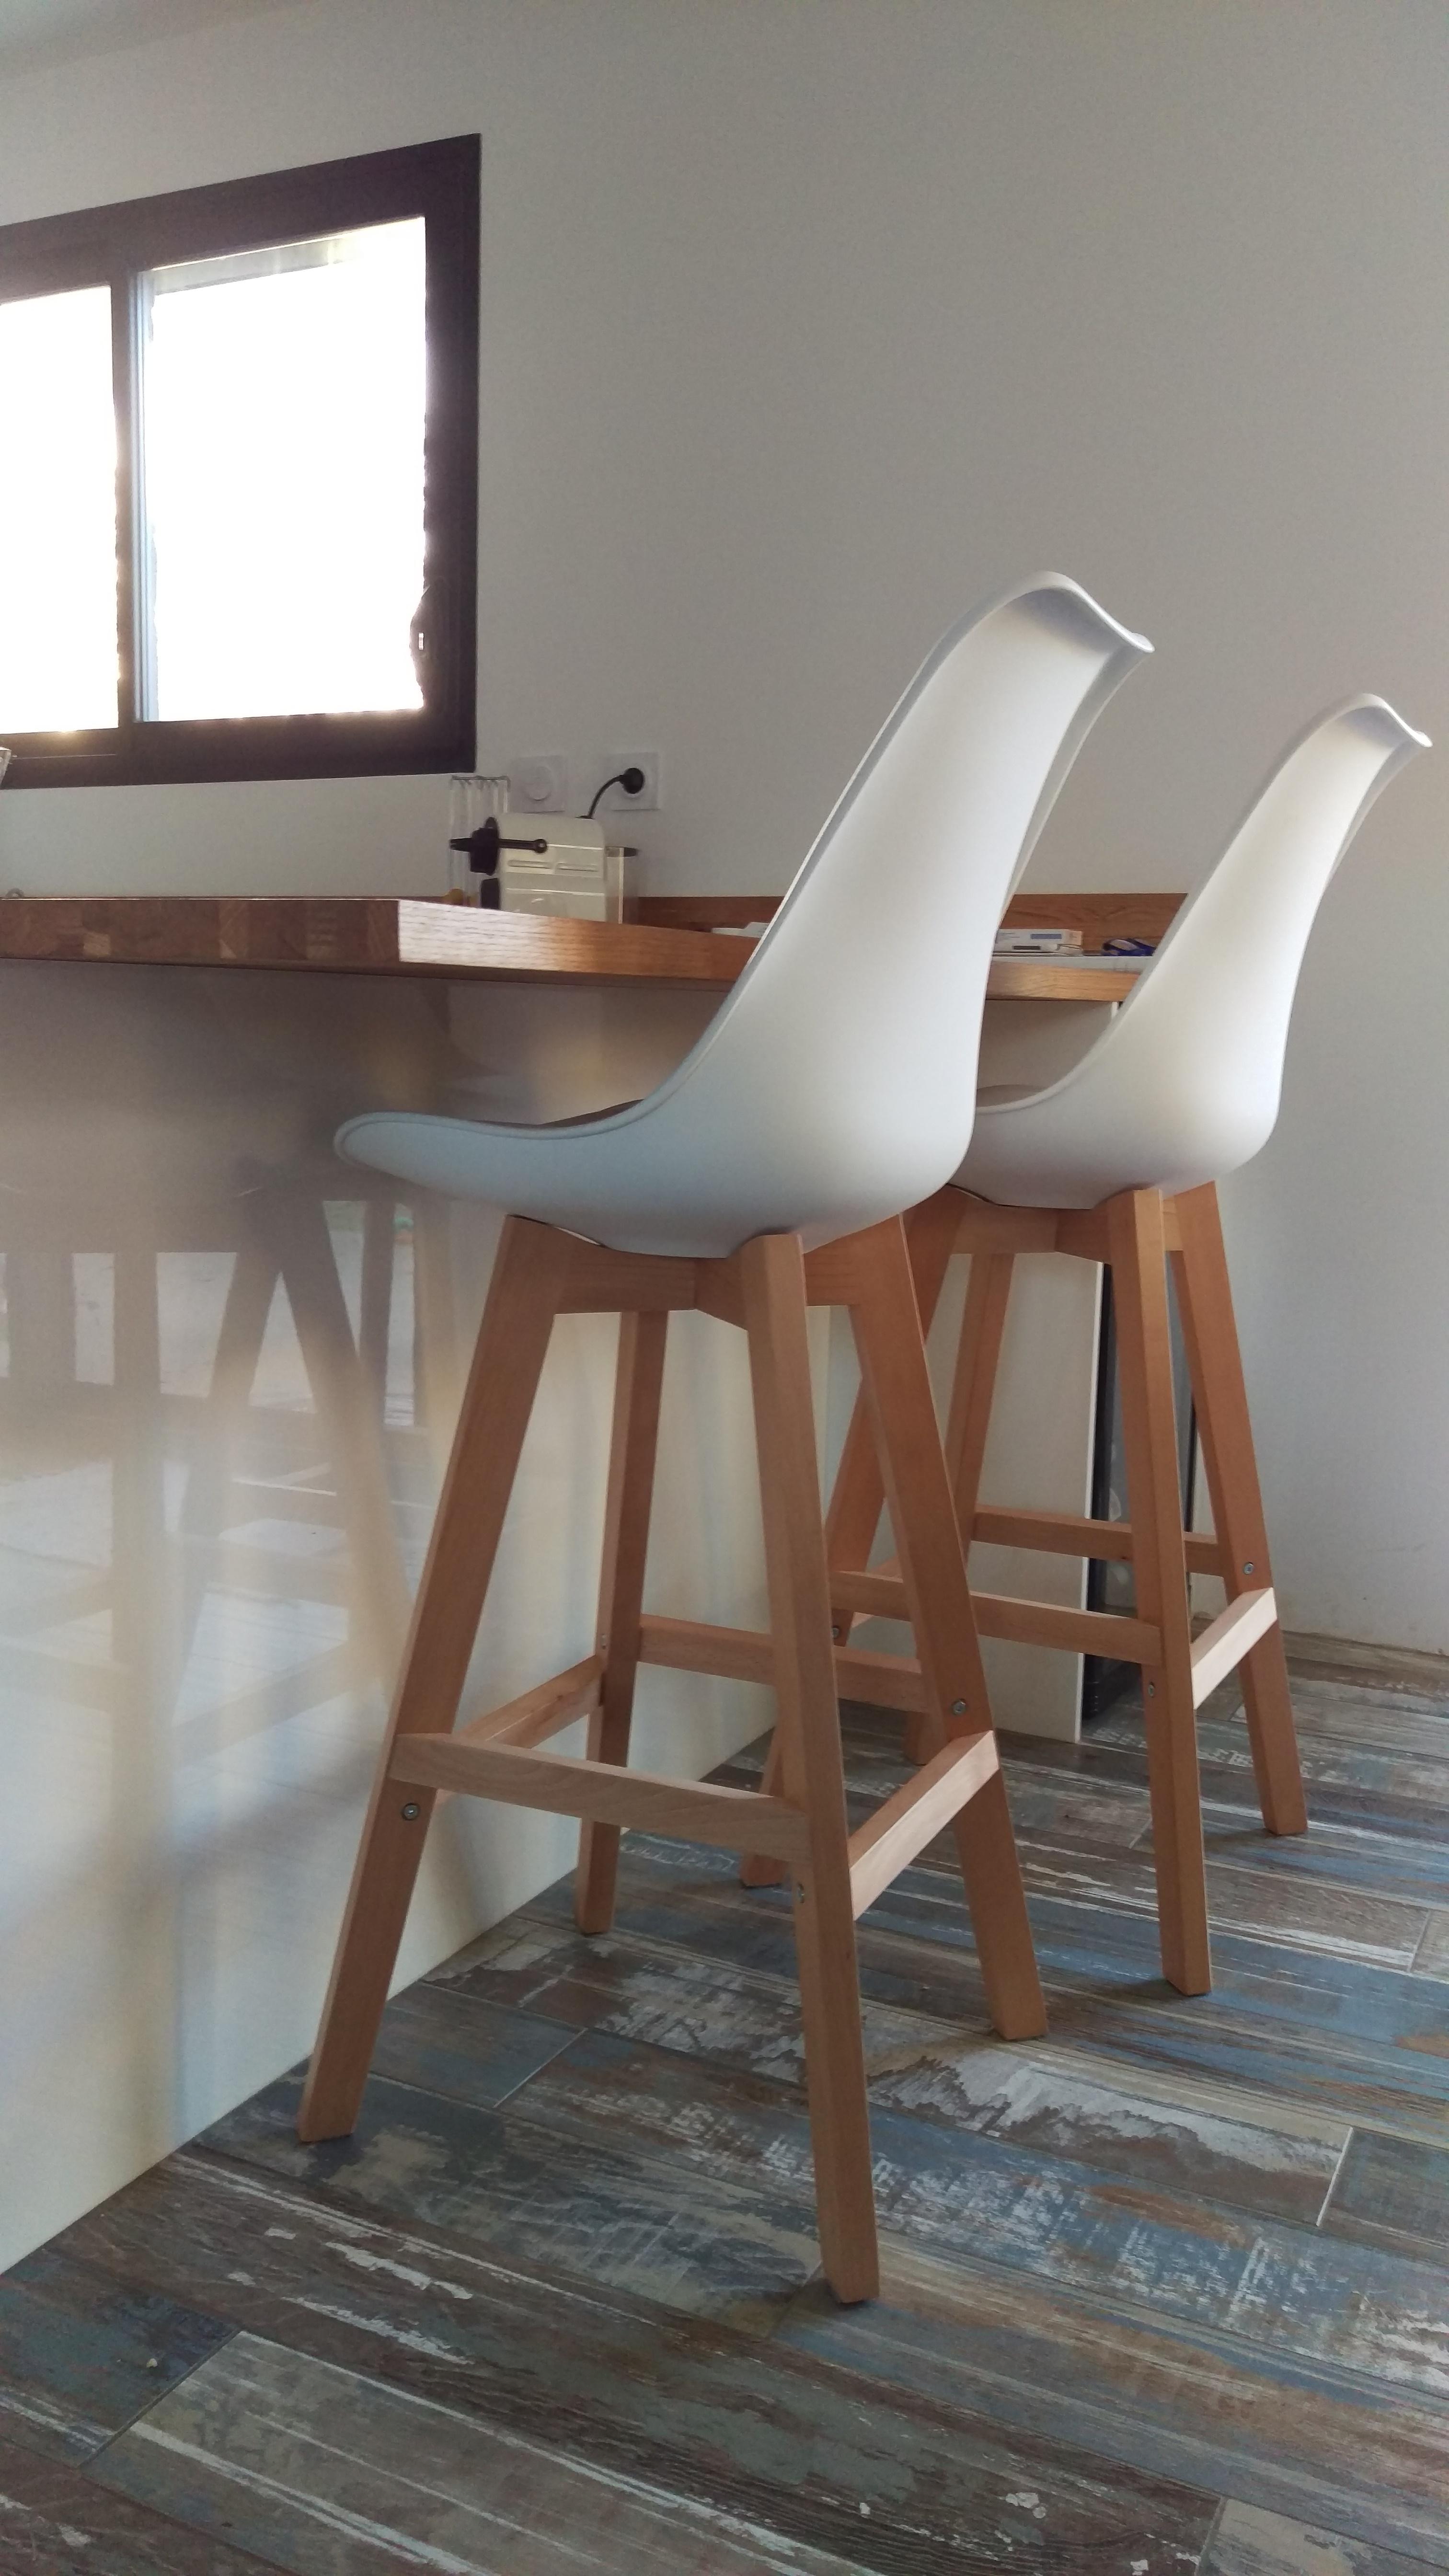 tabouret cuisine design italien. Black Bedroom Furniture Sets. Home Design Ideas